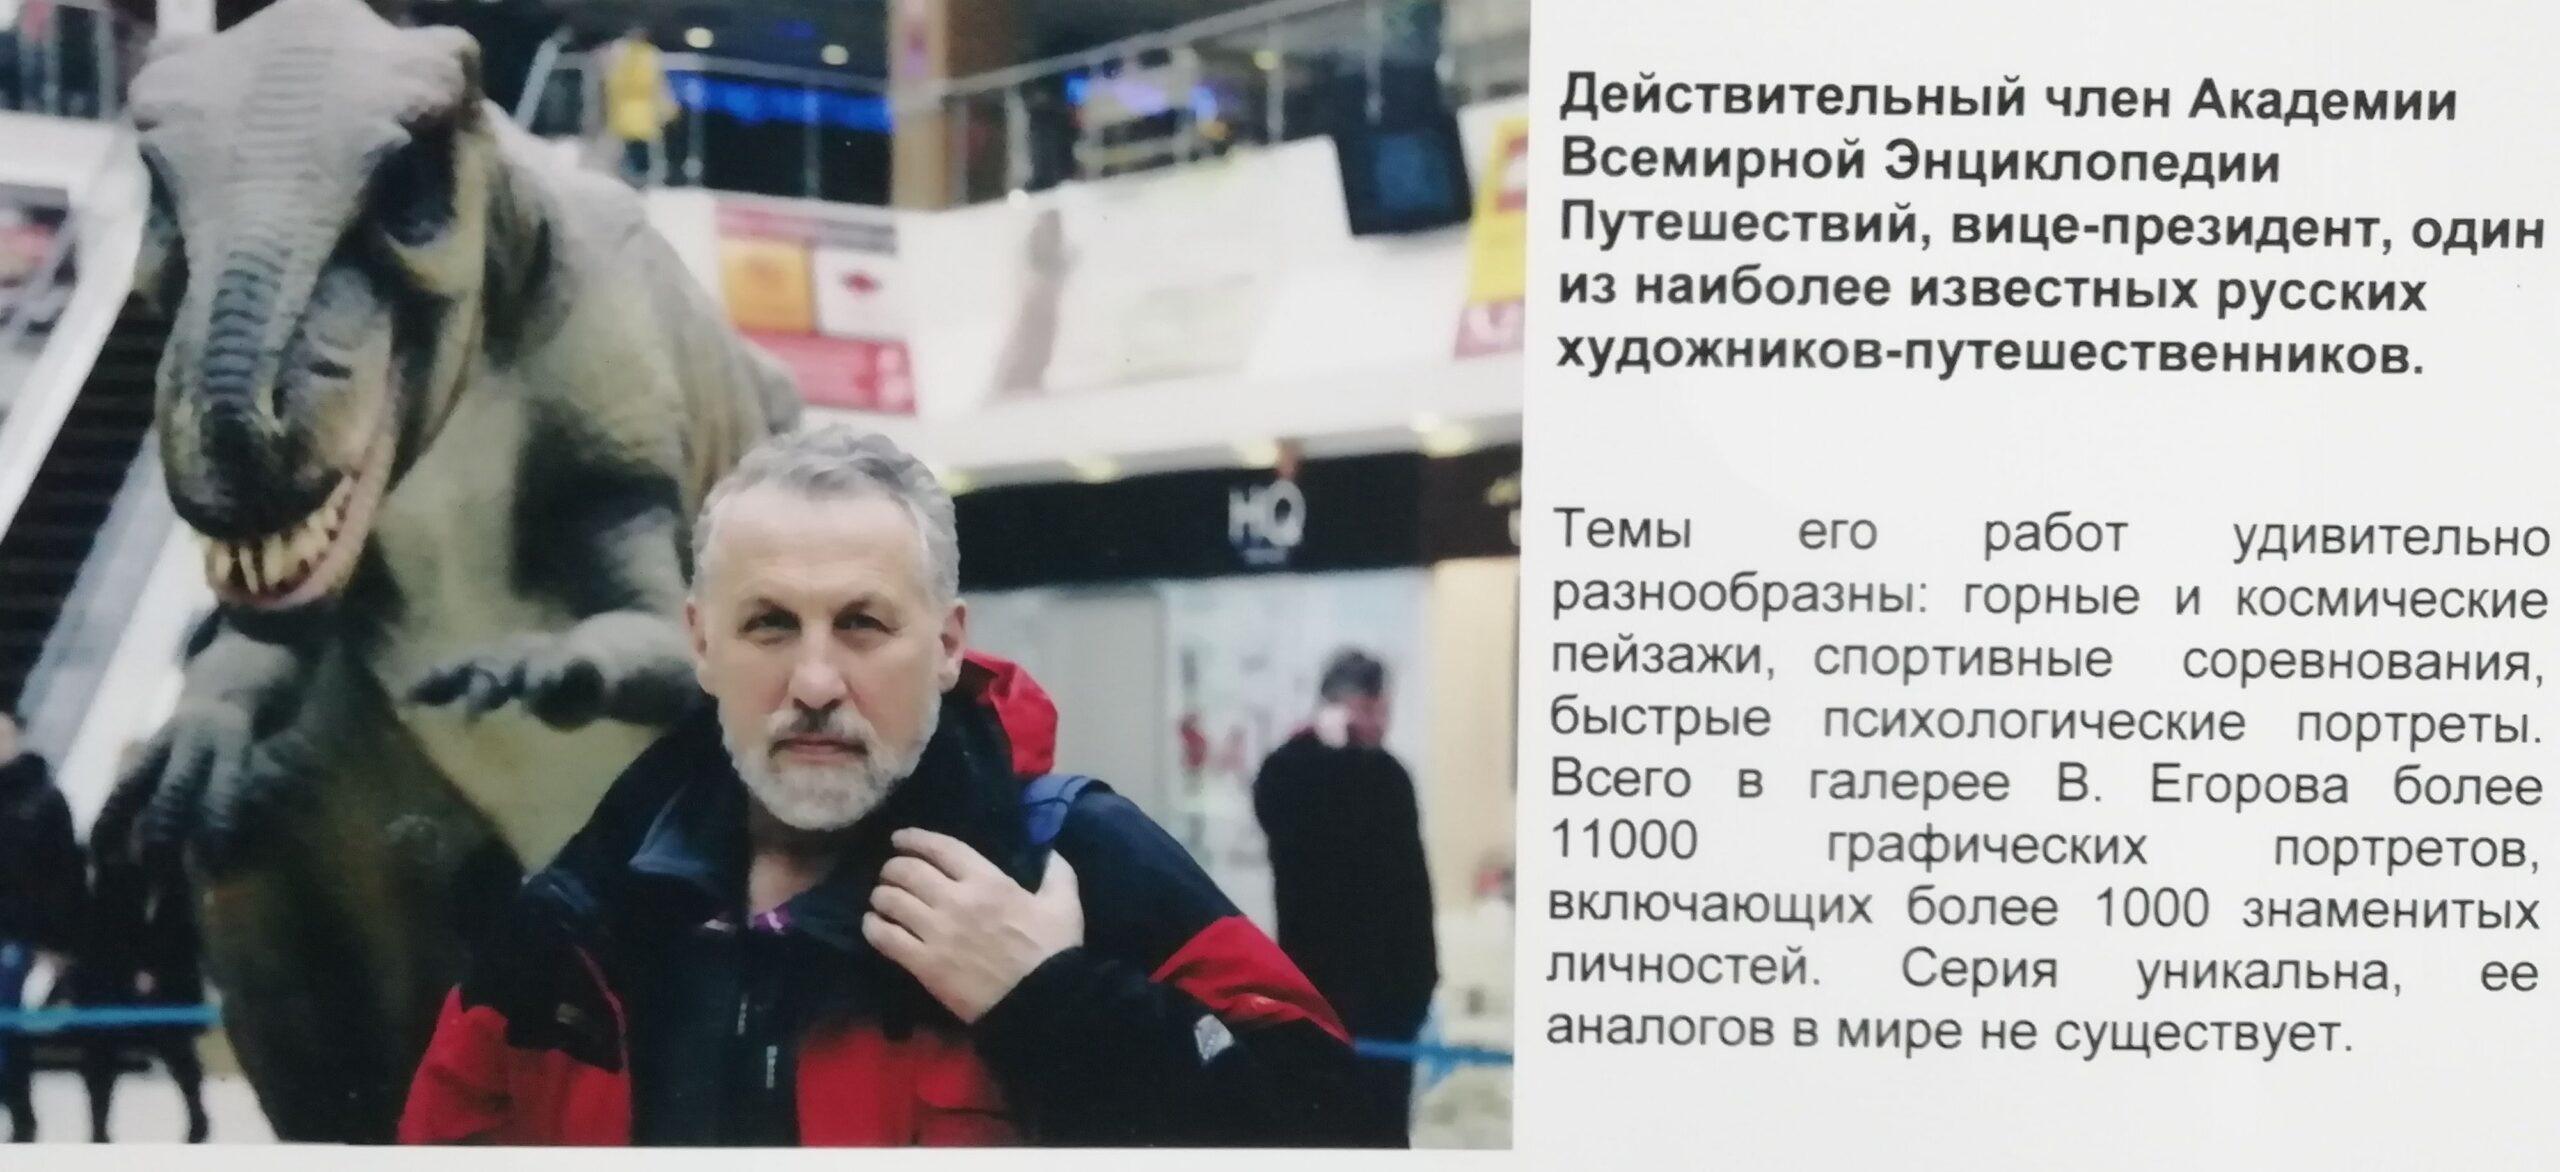 Вячеслав Егоров заслуженный полярник России